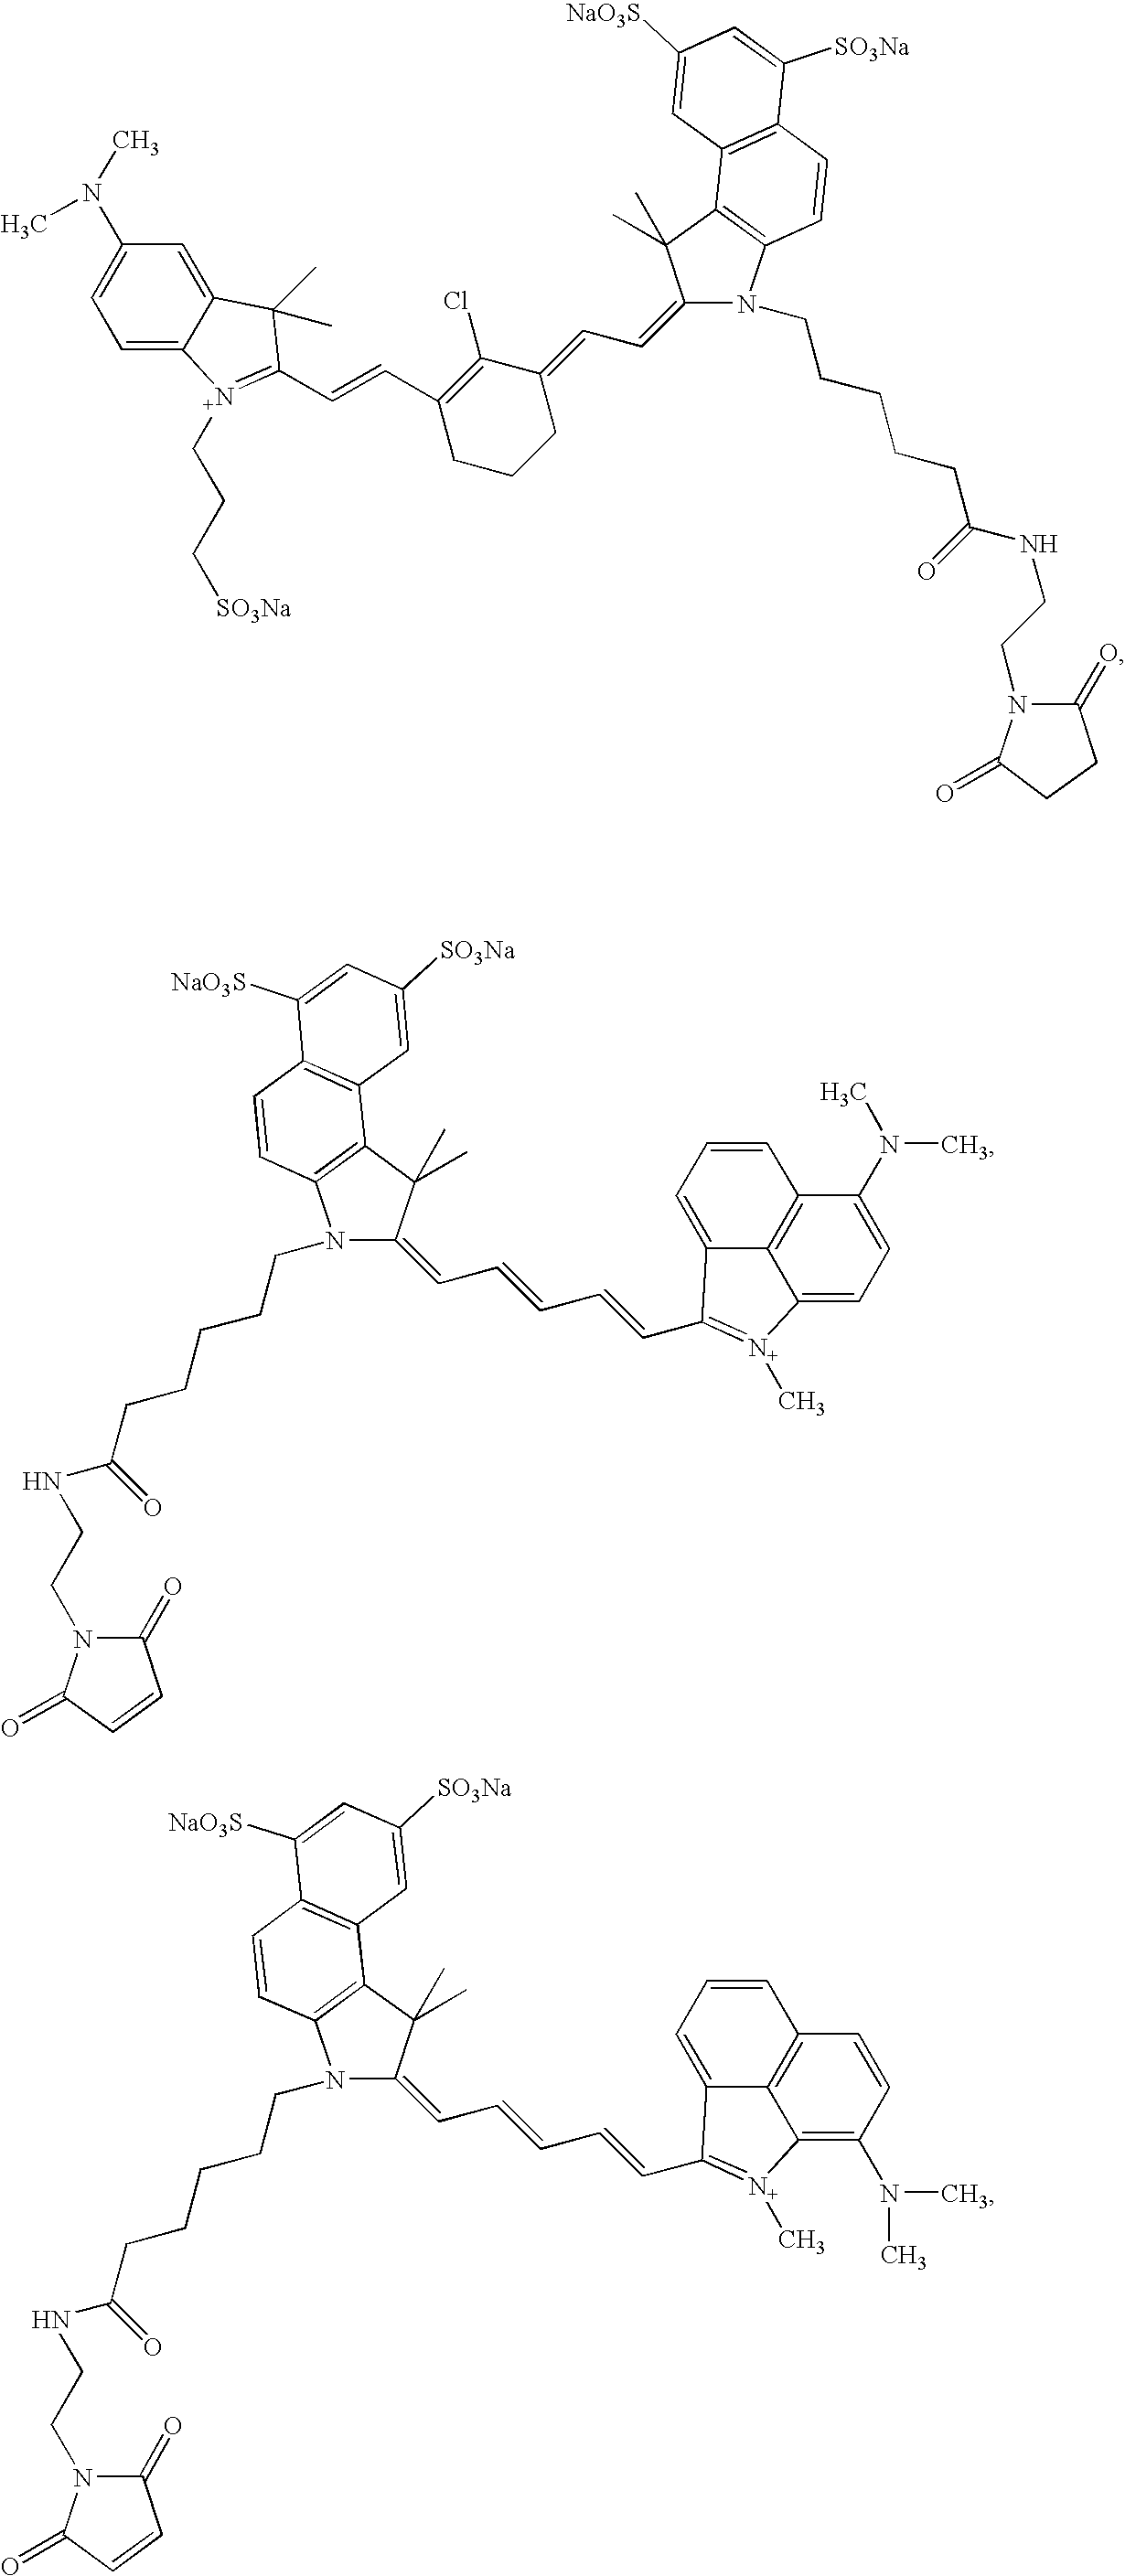 Figure US20070042398A1-20070222-C00017